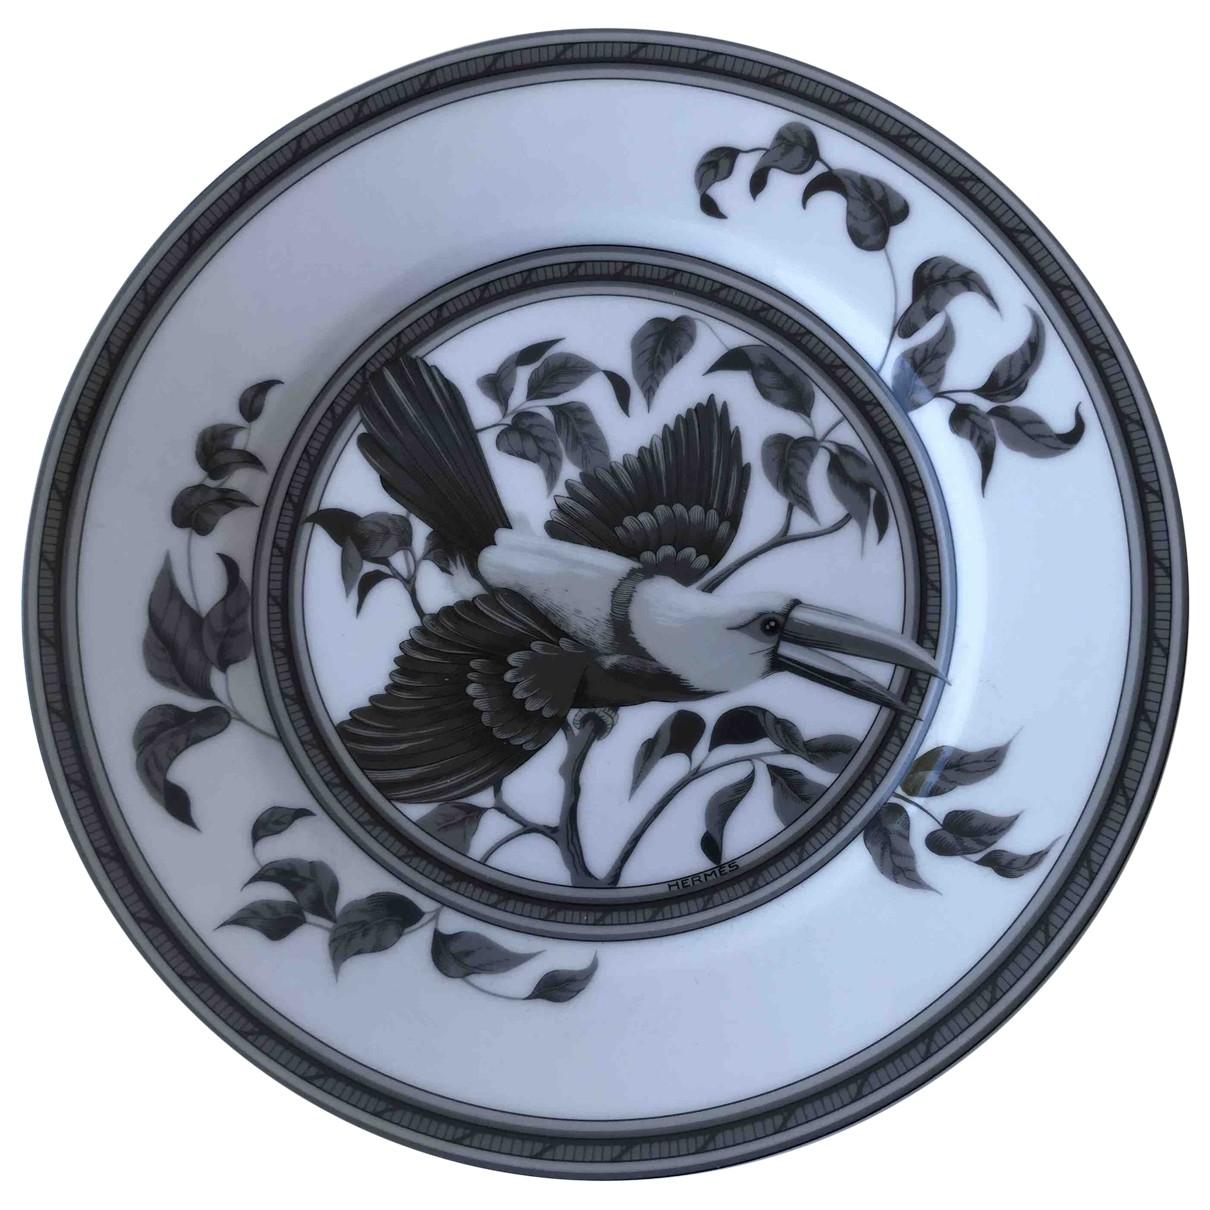 Hermes - Arts de la table Toucans pour lifestyle en ceramique - multicolore